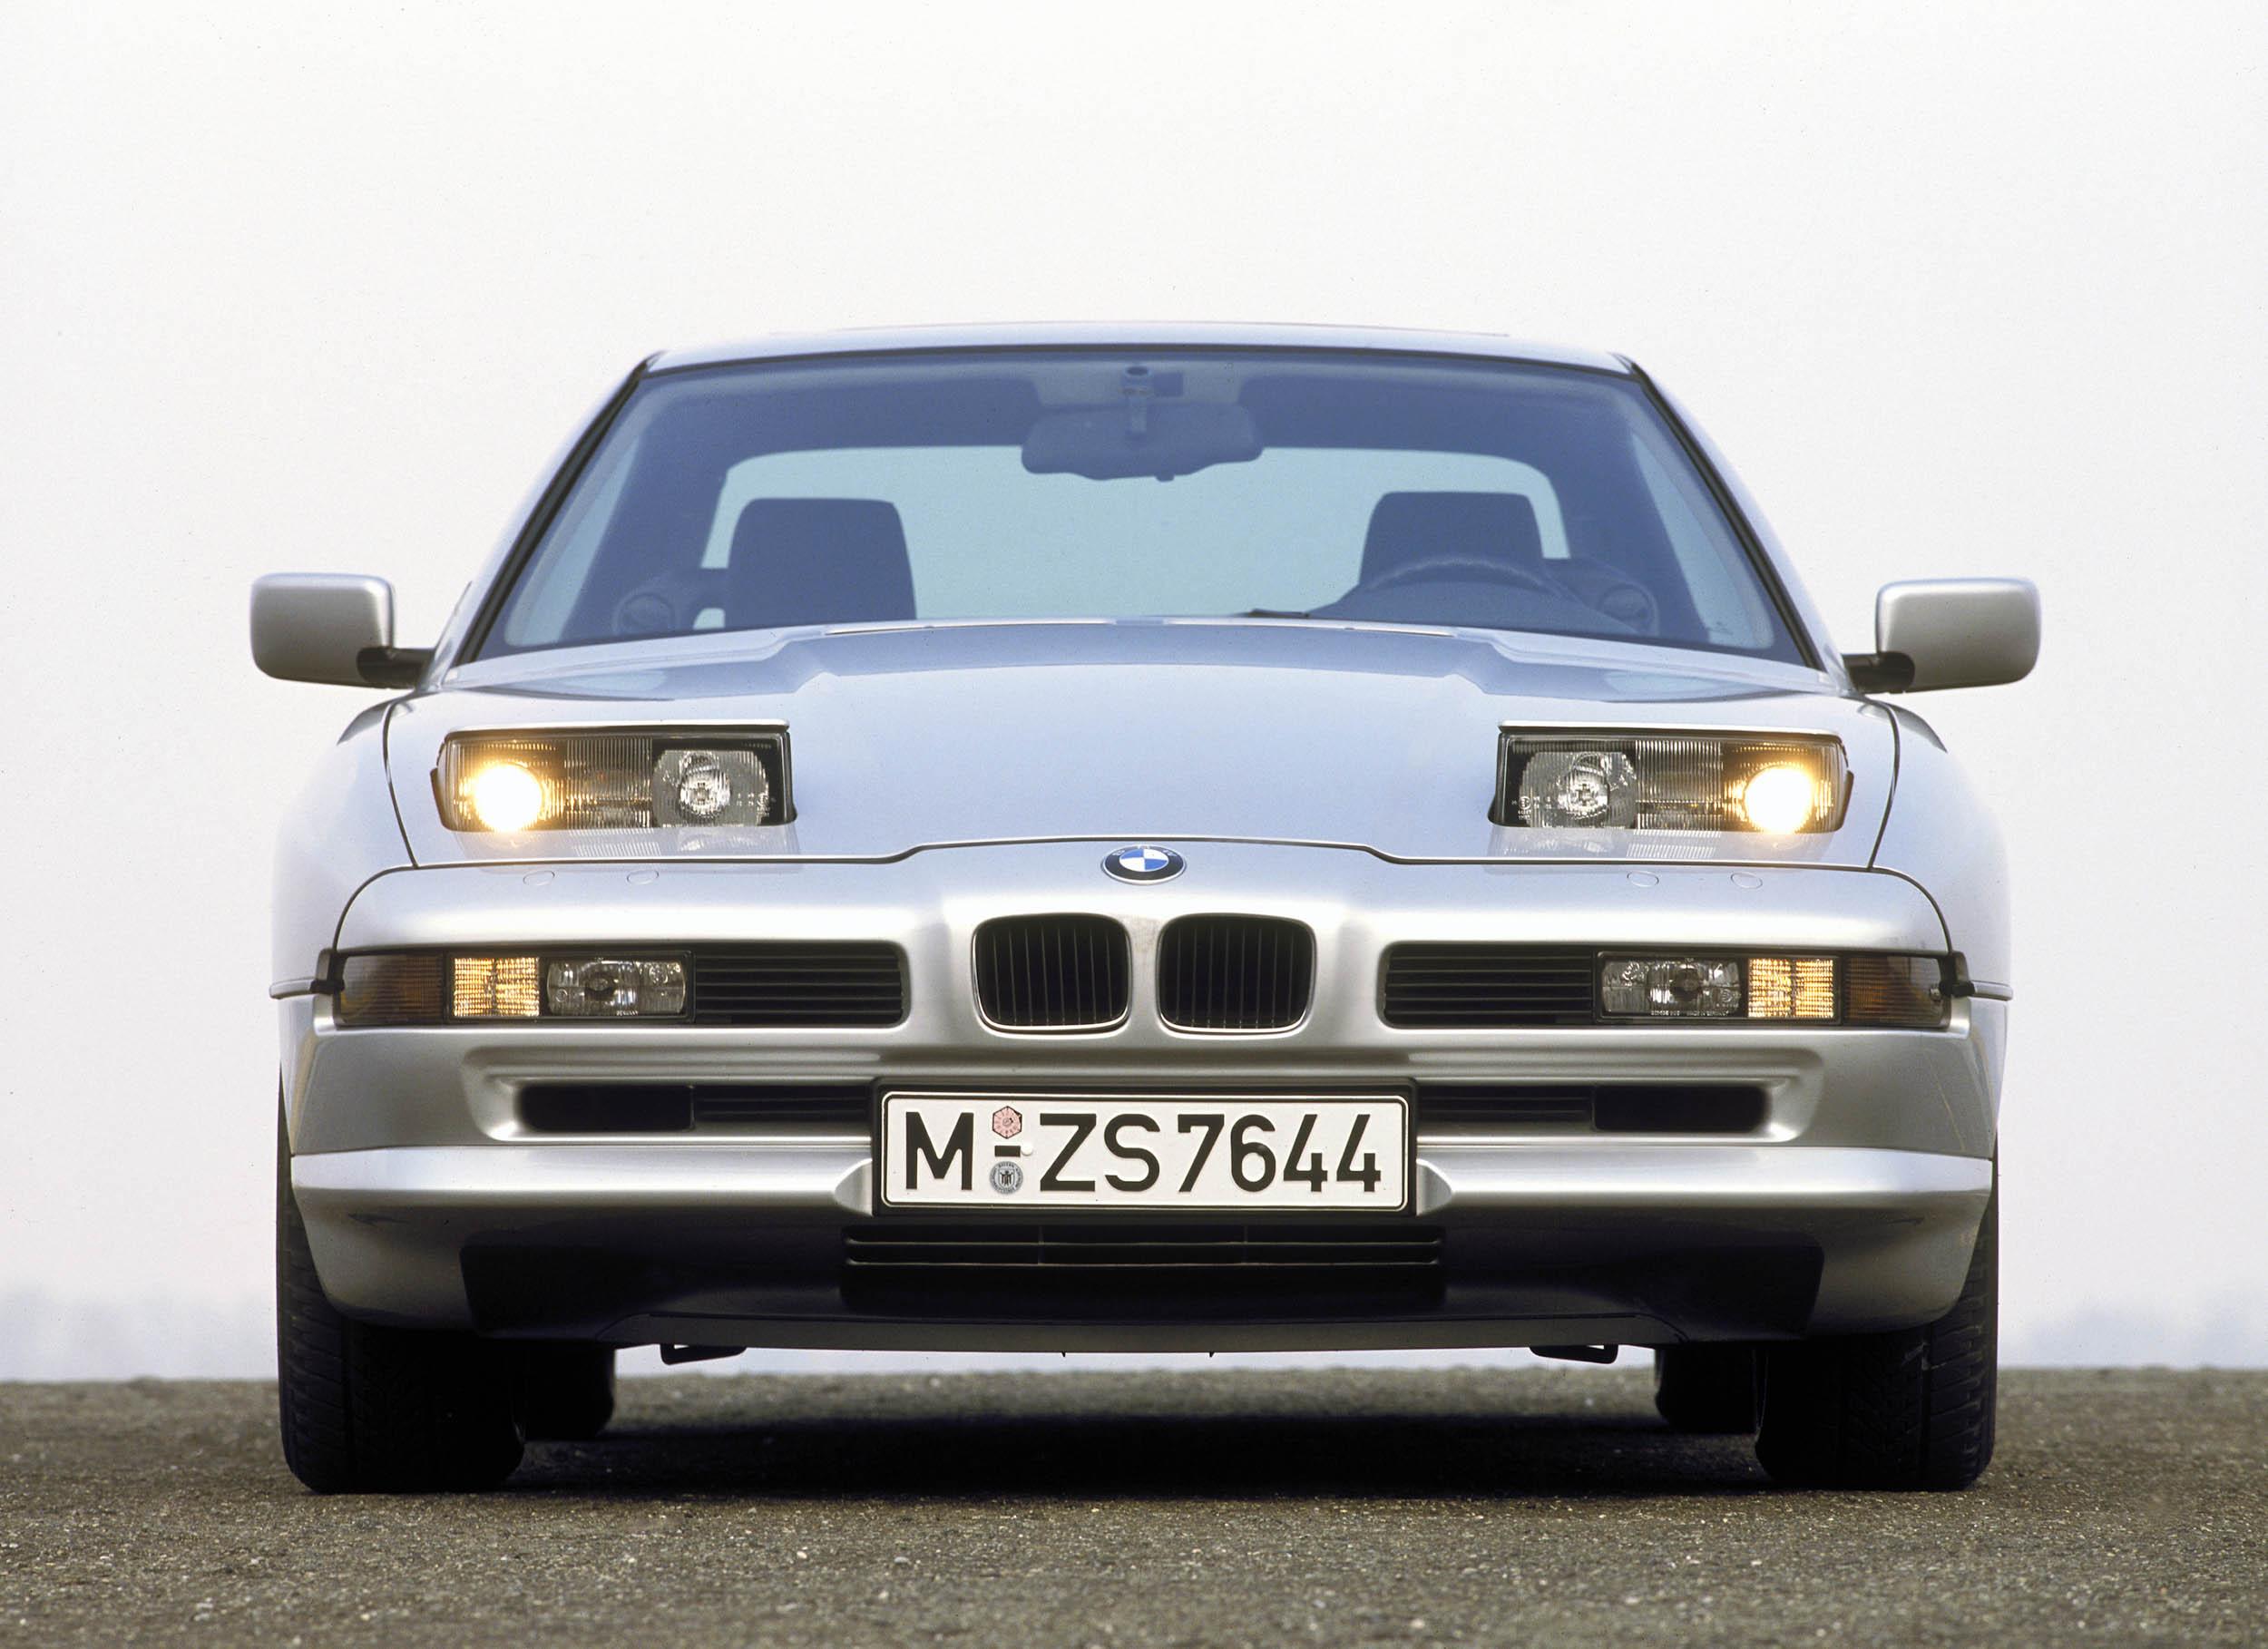 1989 BMW 850i front